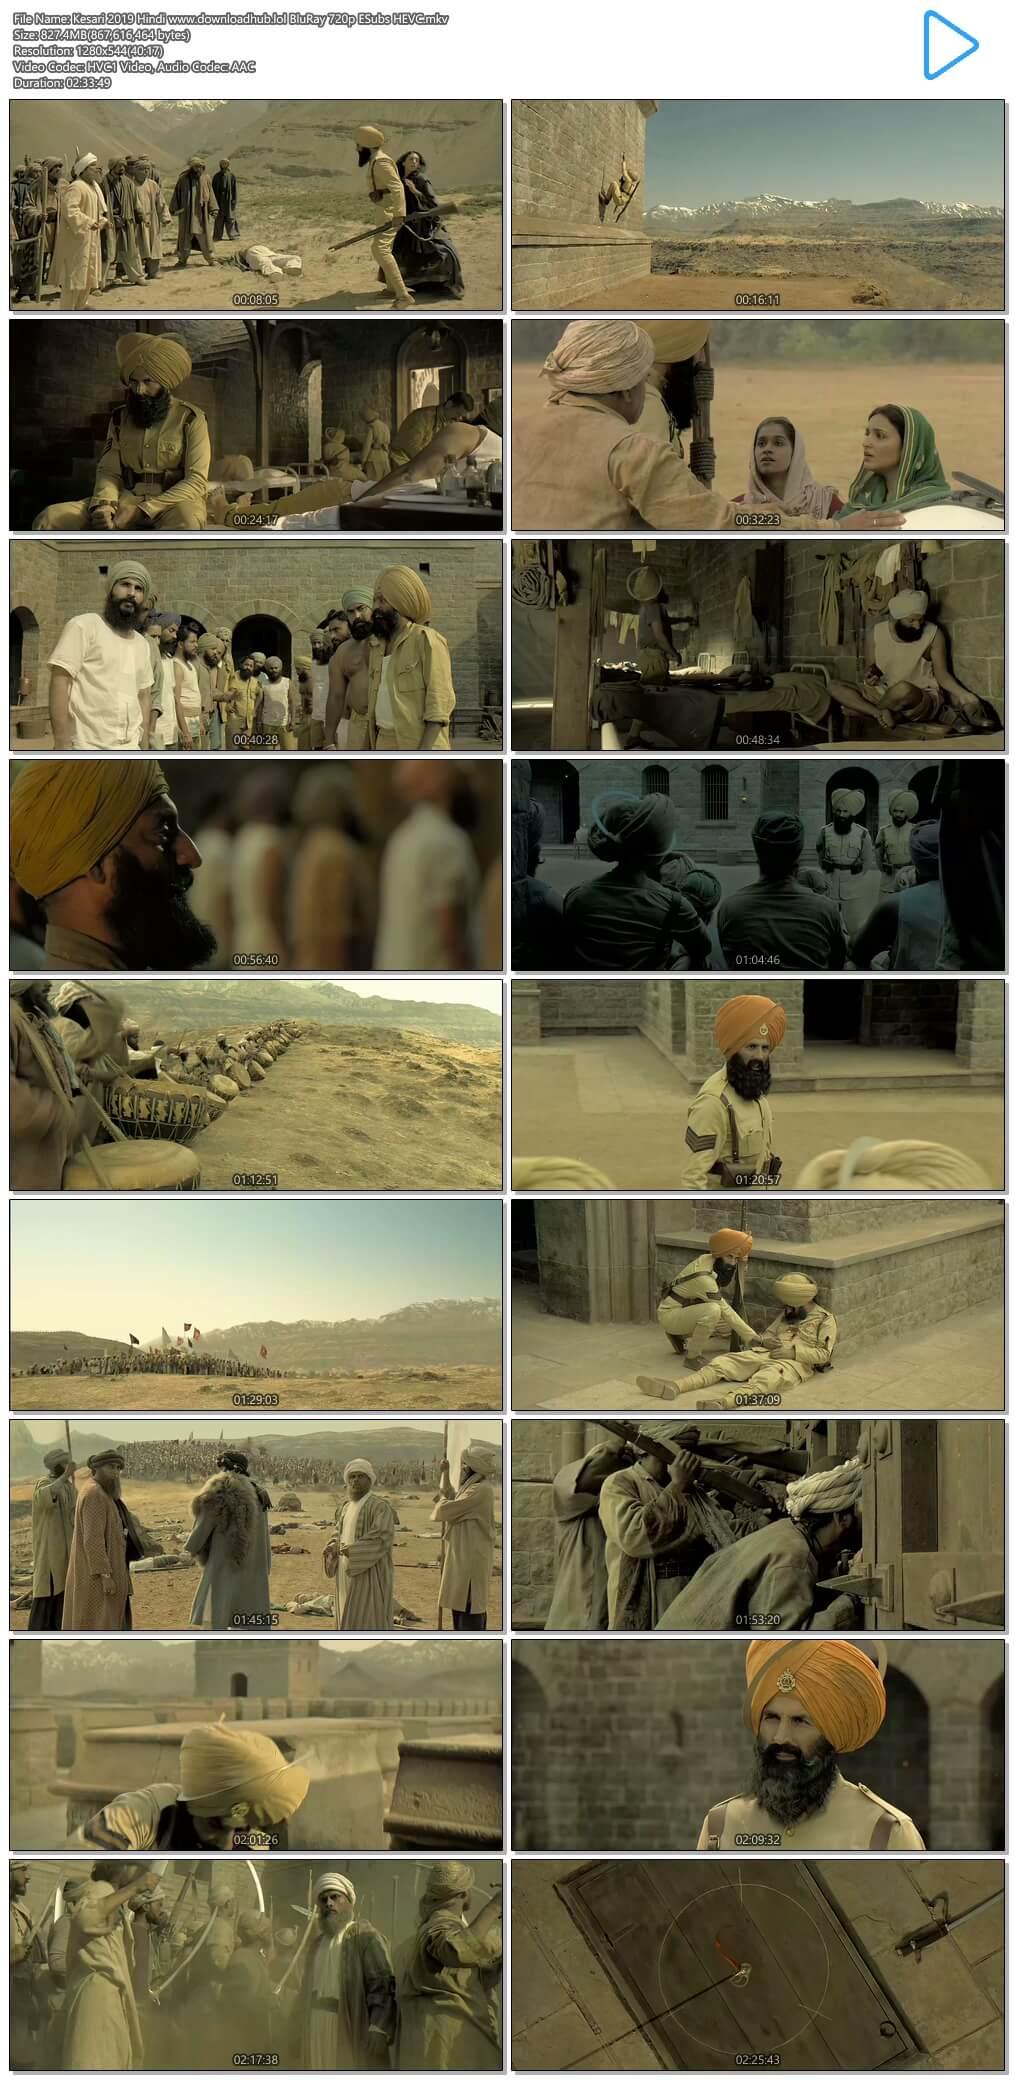 Kesari 2019 Hindi 800MB BluRay 720p ESubs HEVC